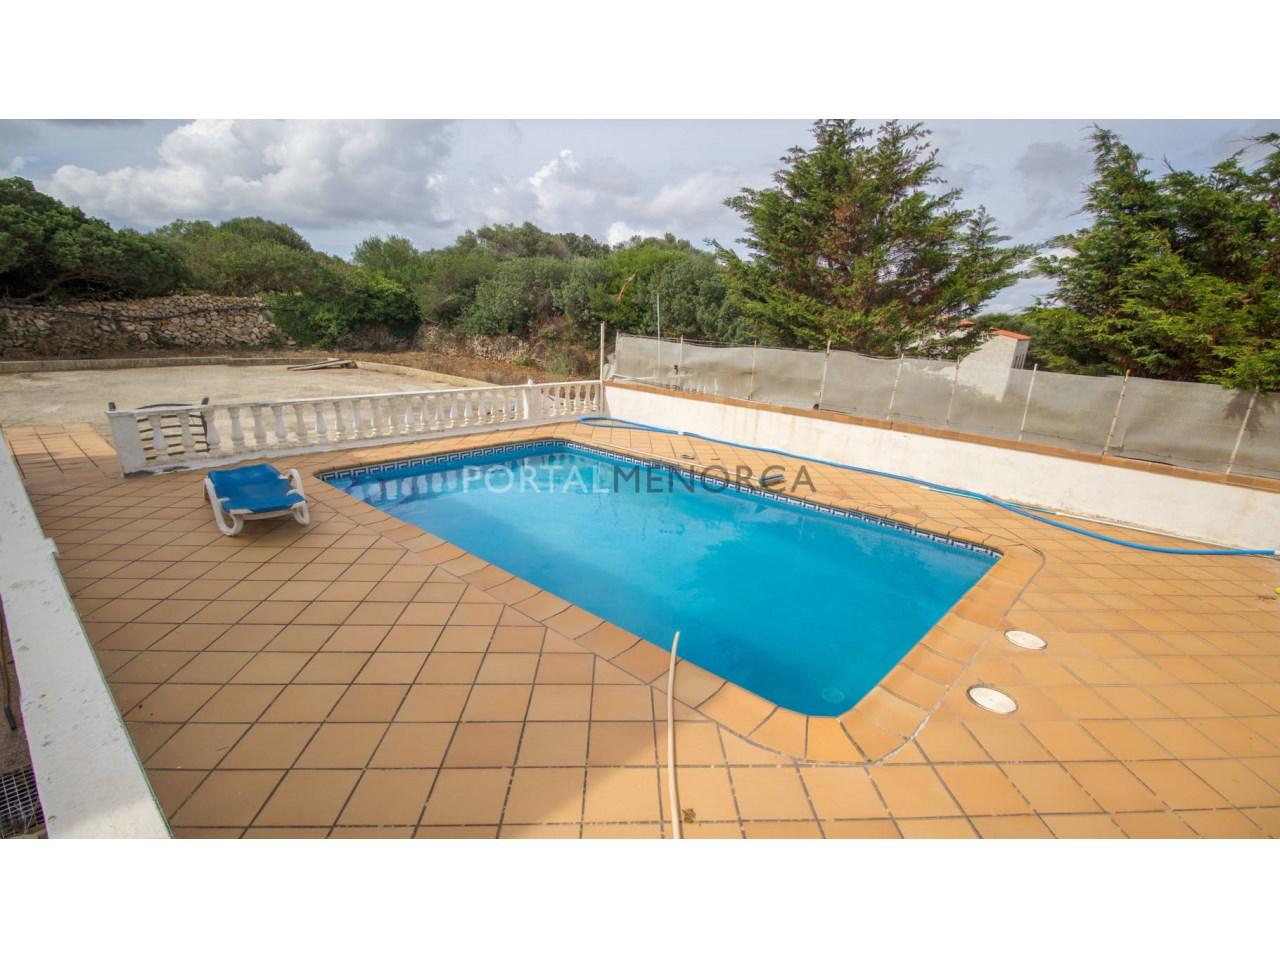 Casa de campo reciente con piscina en venta en Alaior